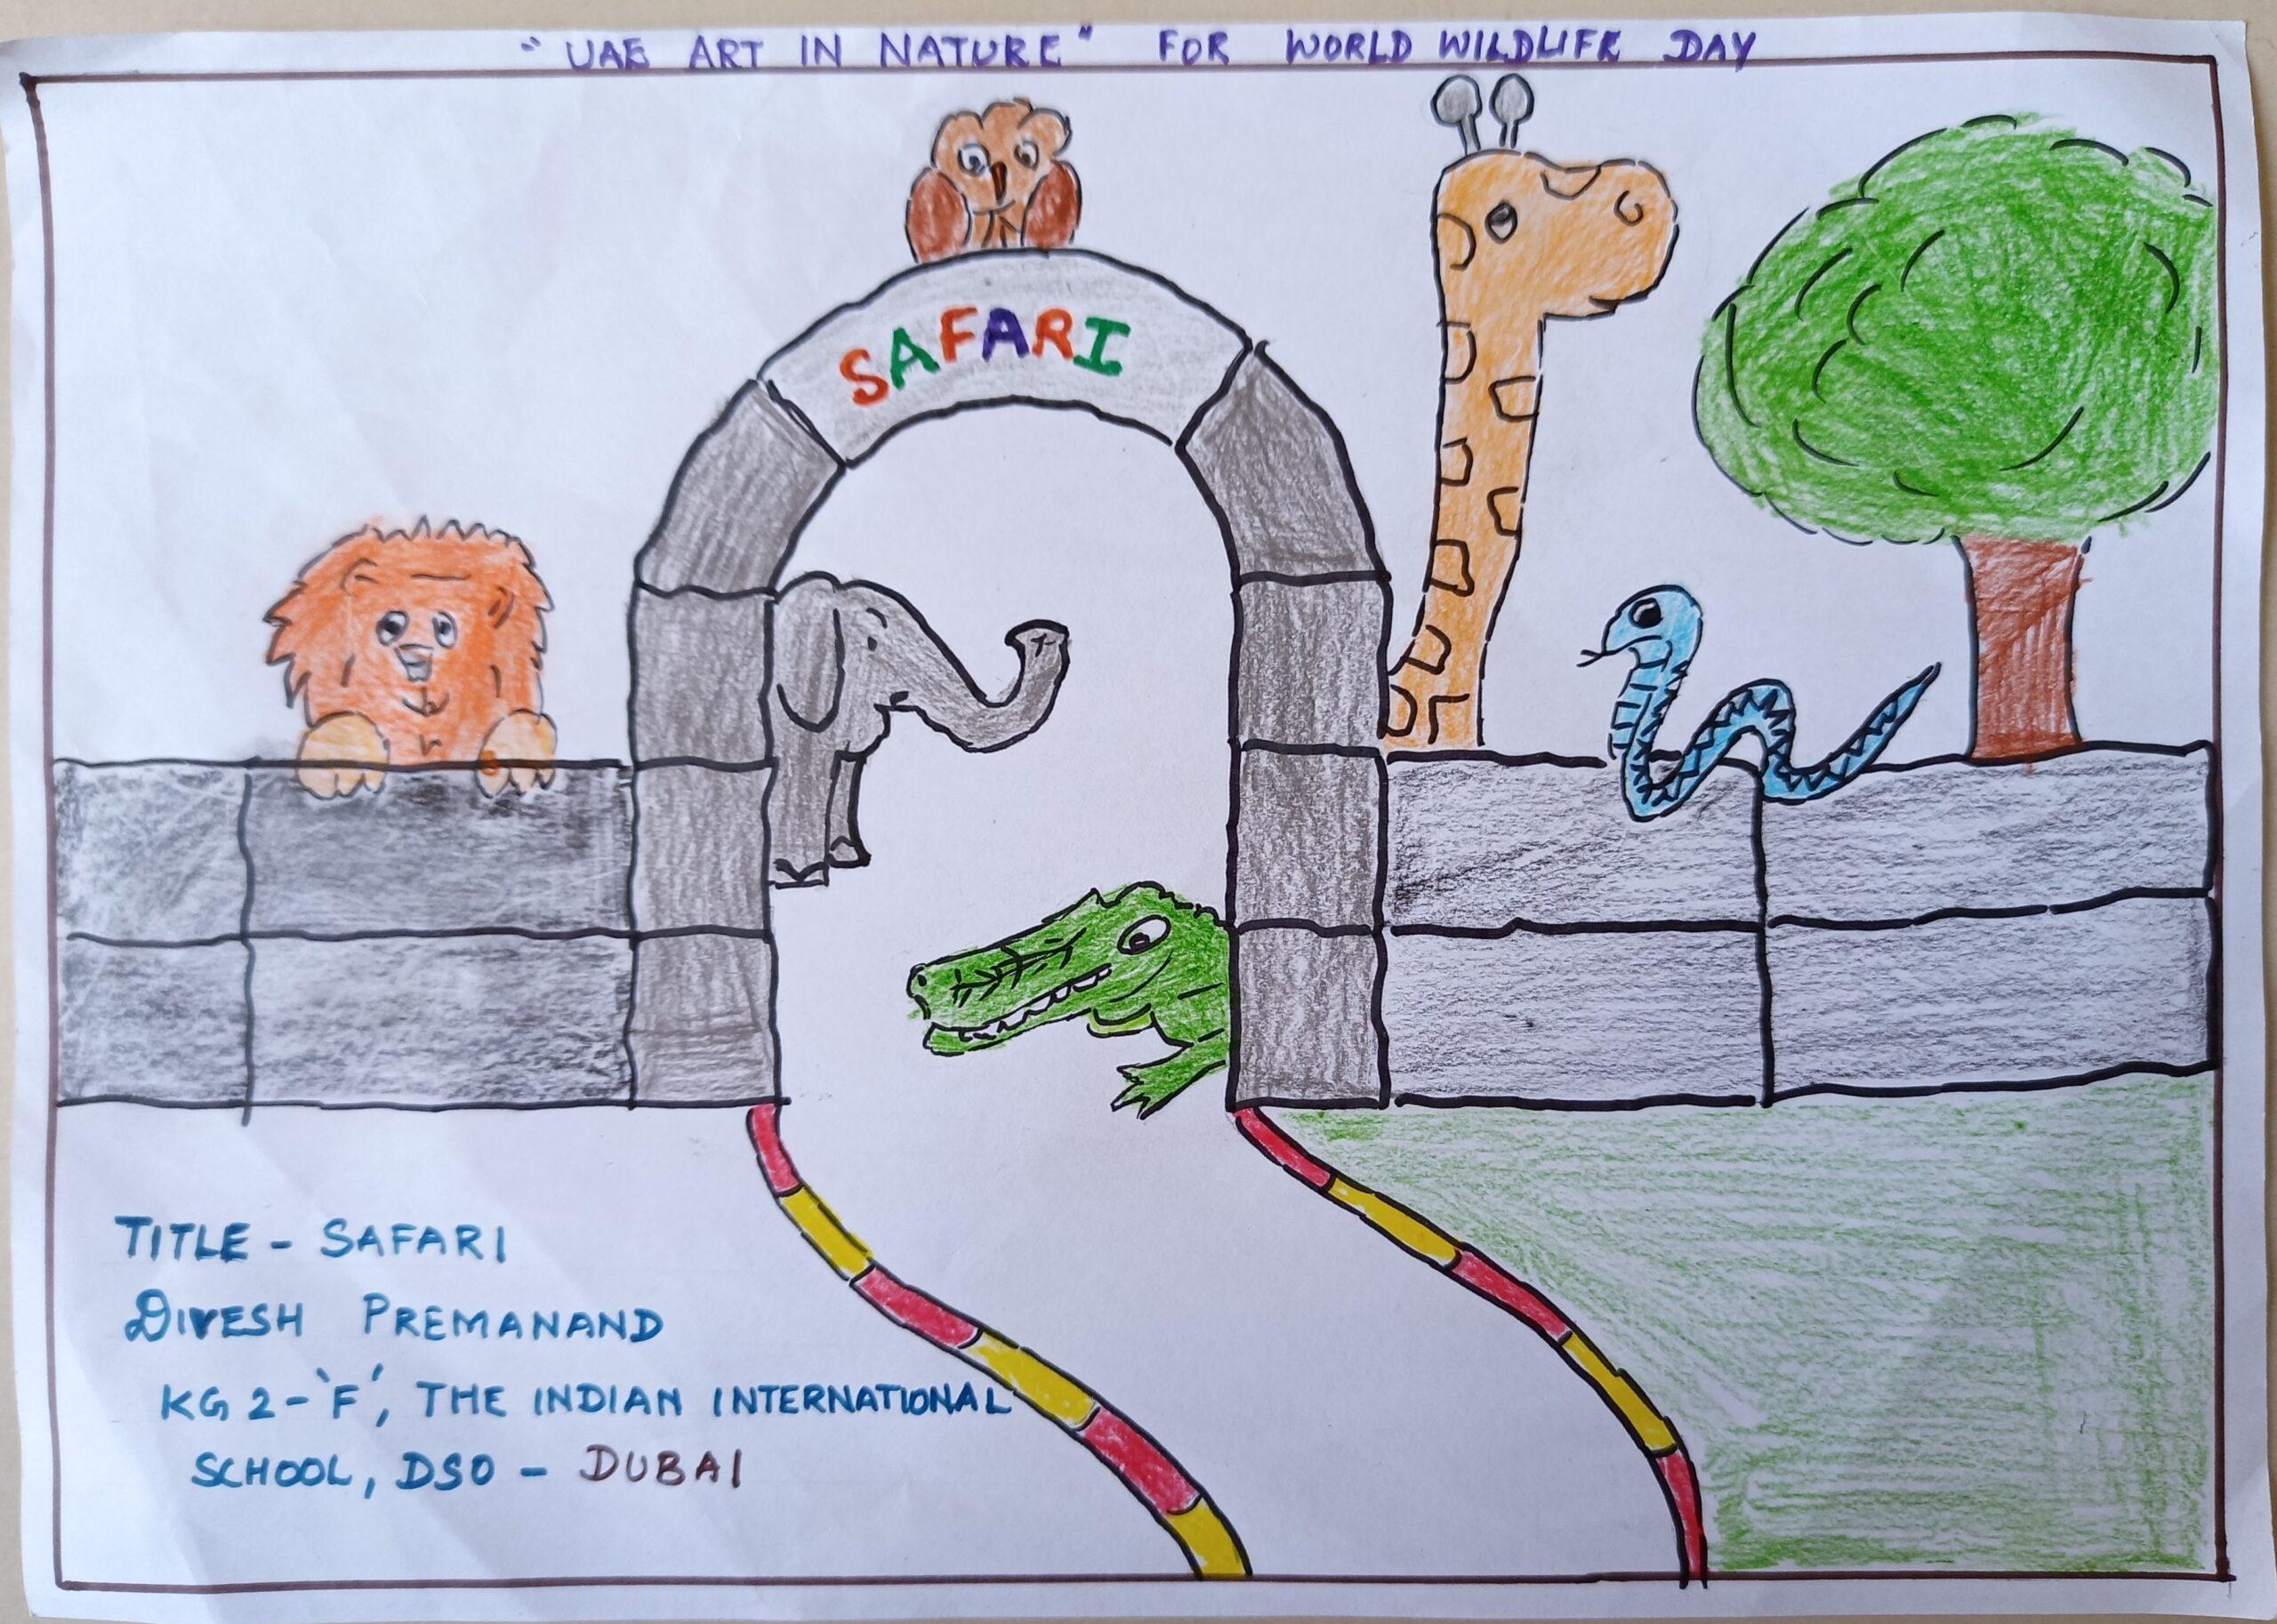 Safari by Divesh Premanand